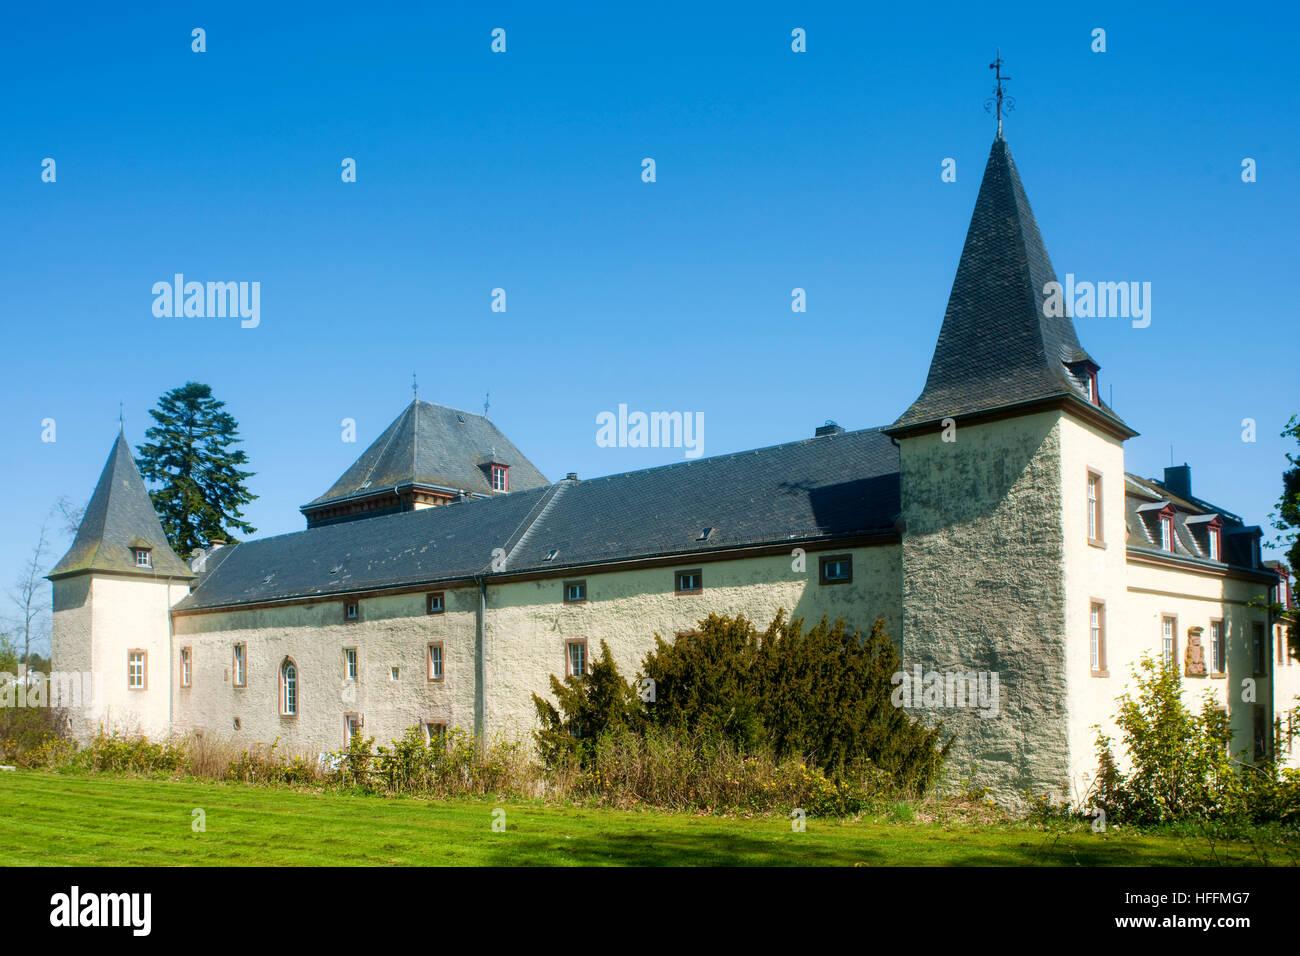 Schloss Schmidtheim - Stock Image